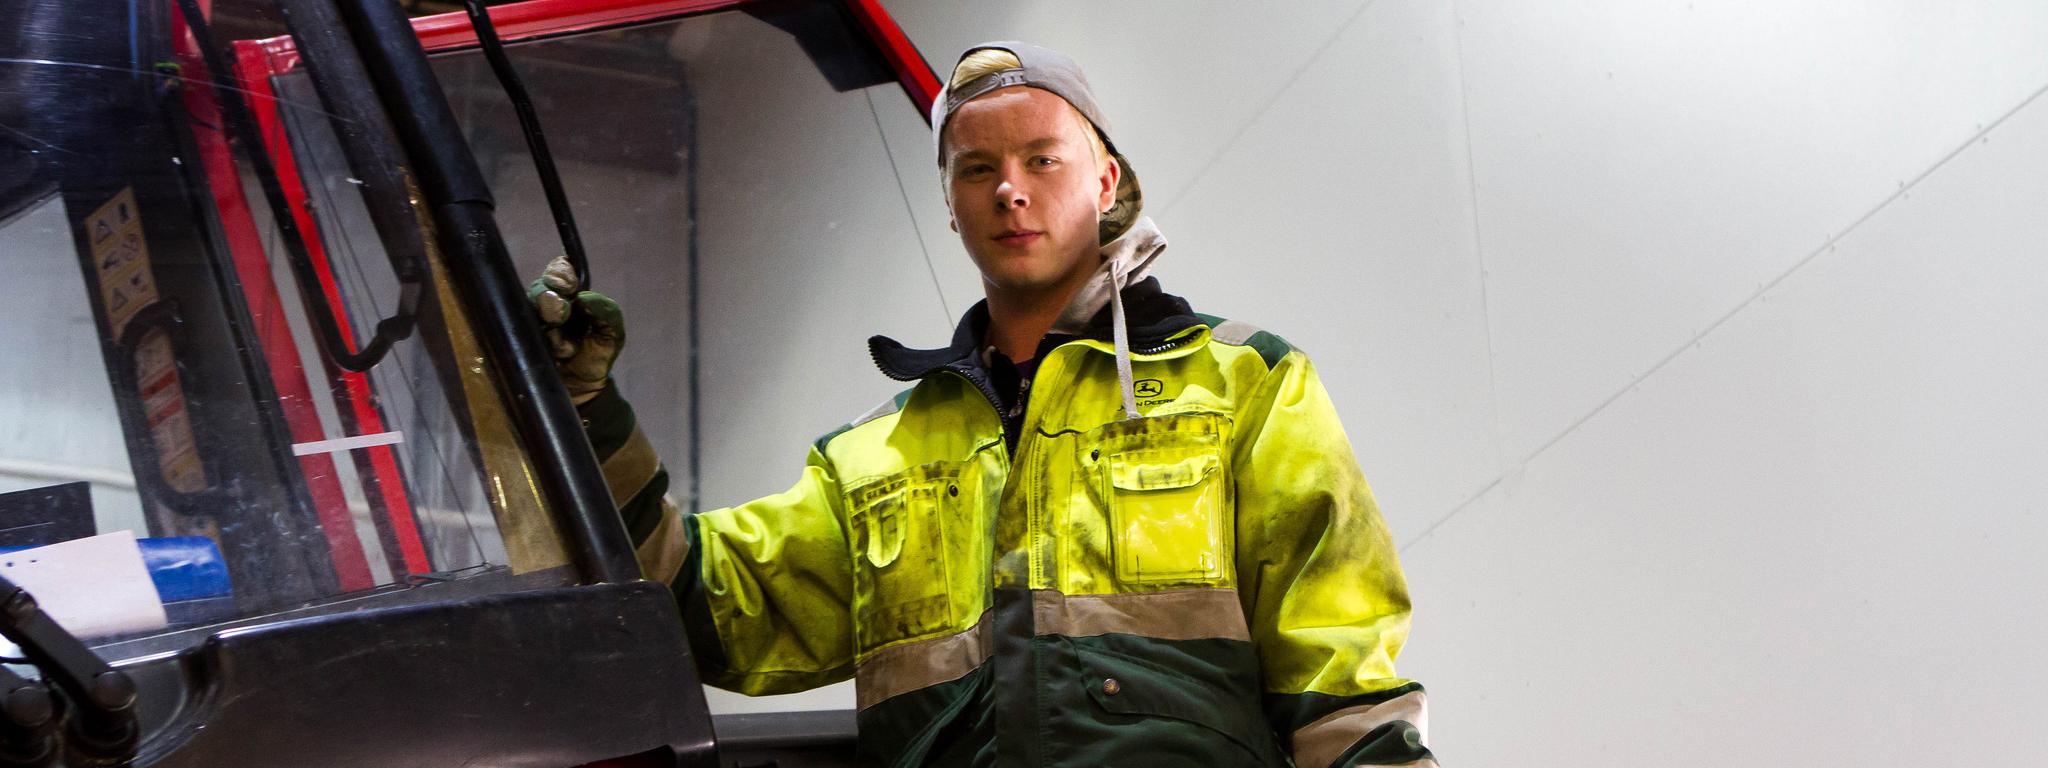 Nuorimies metsäkoneen vierellä likaisissa vaatteissa joissa on John Deeren logo.